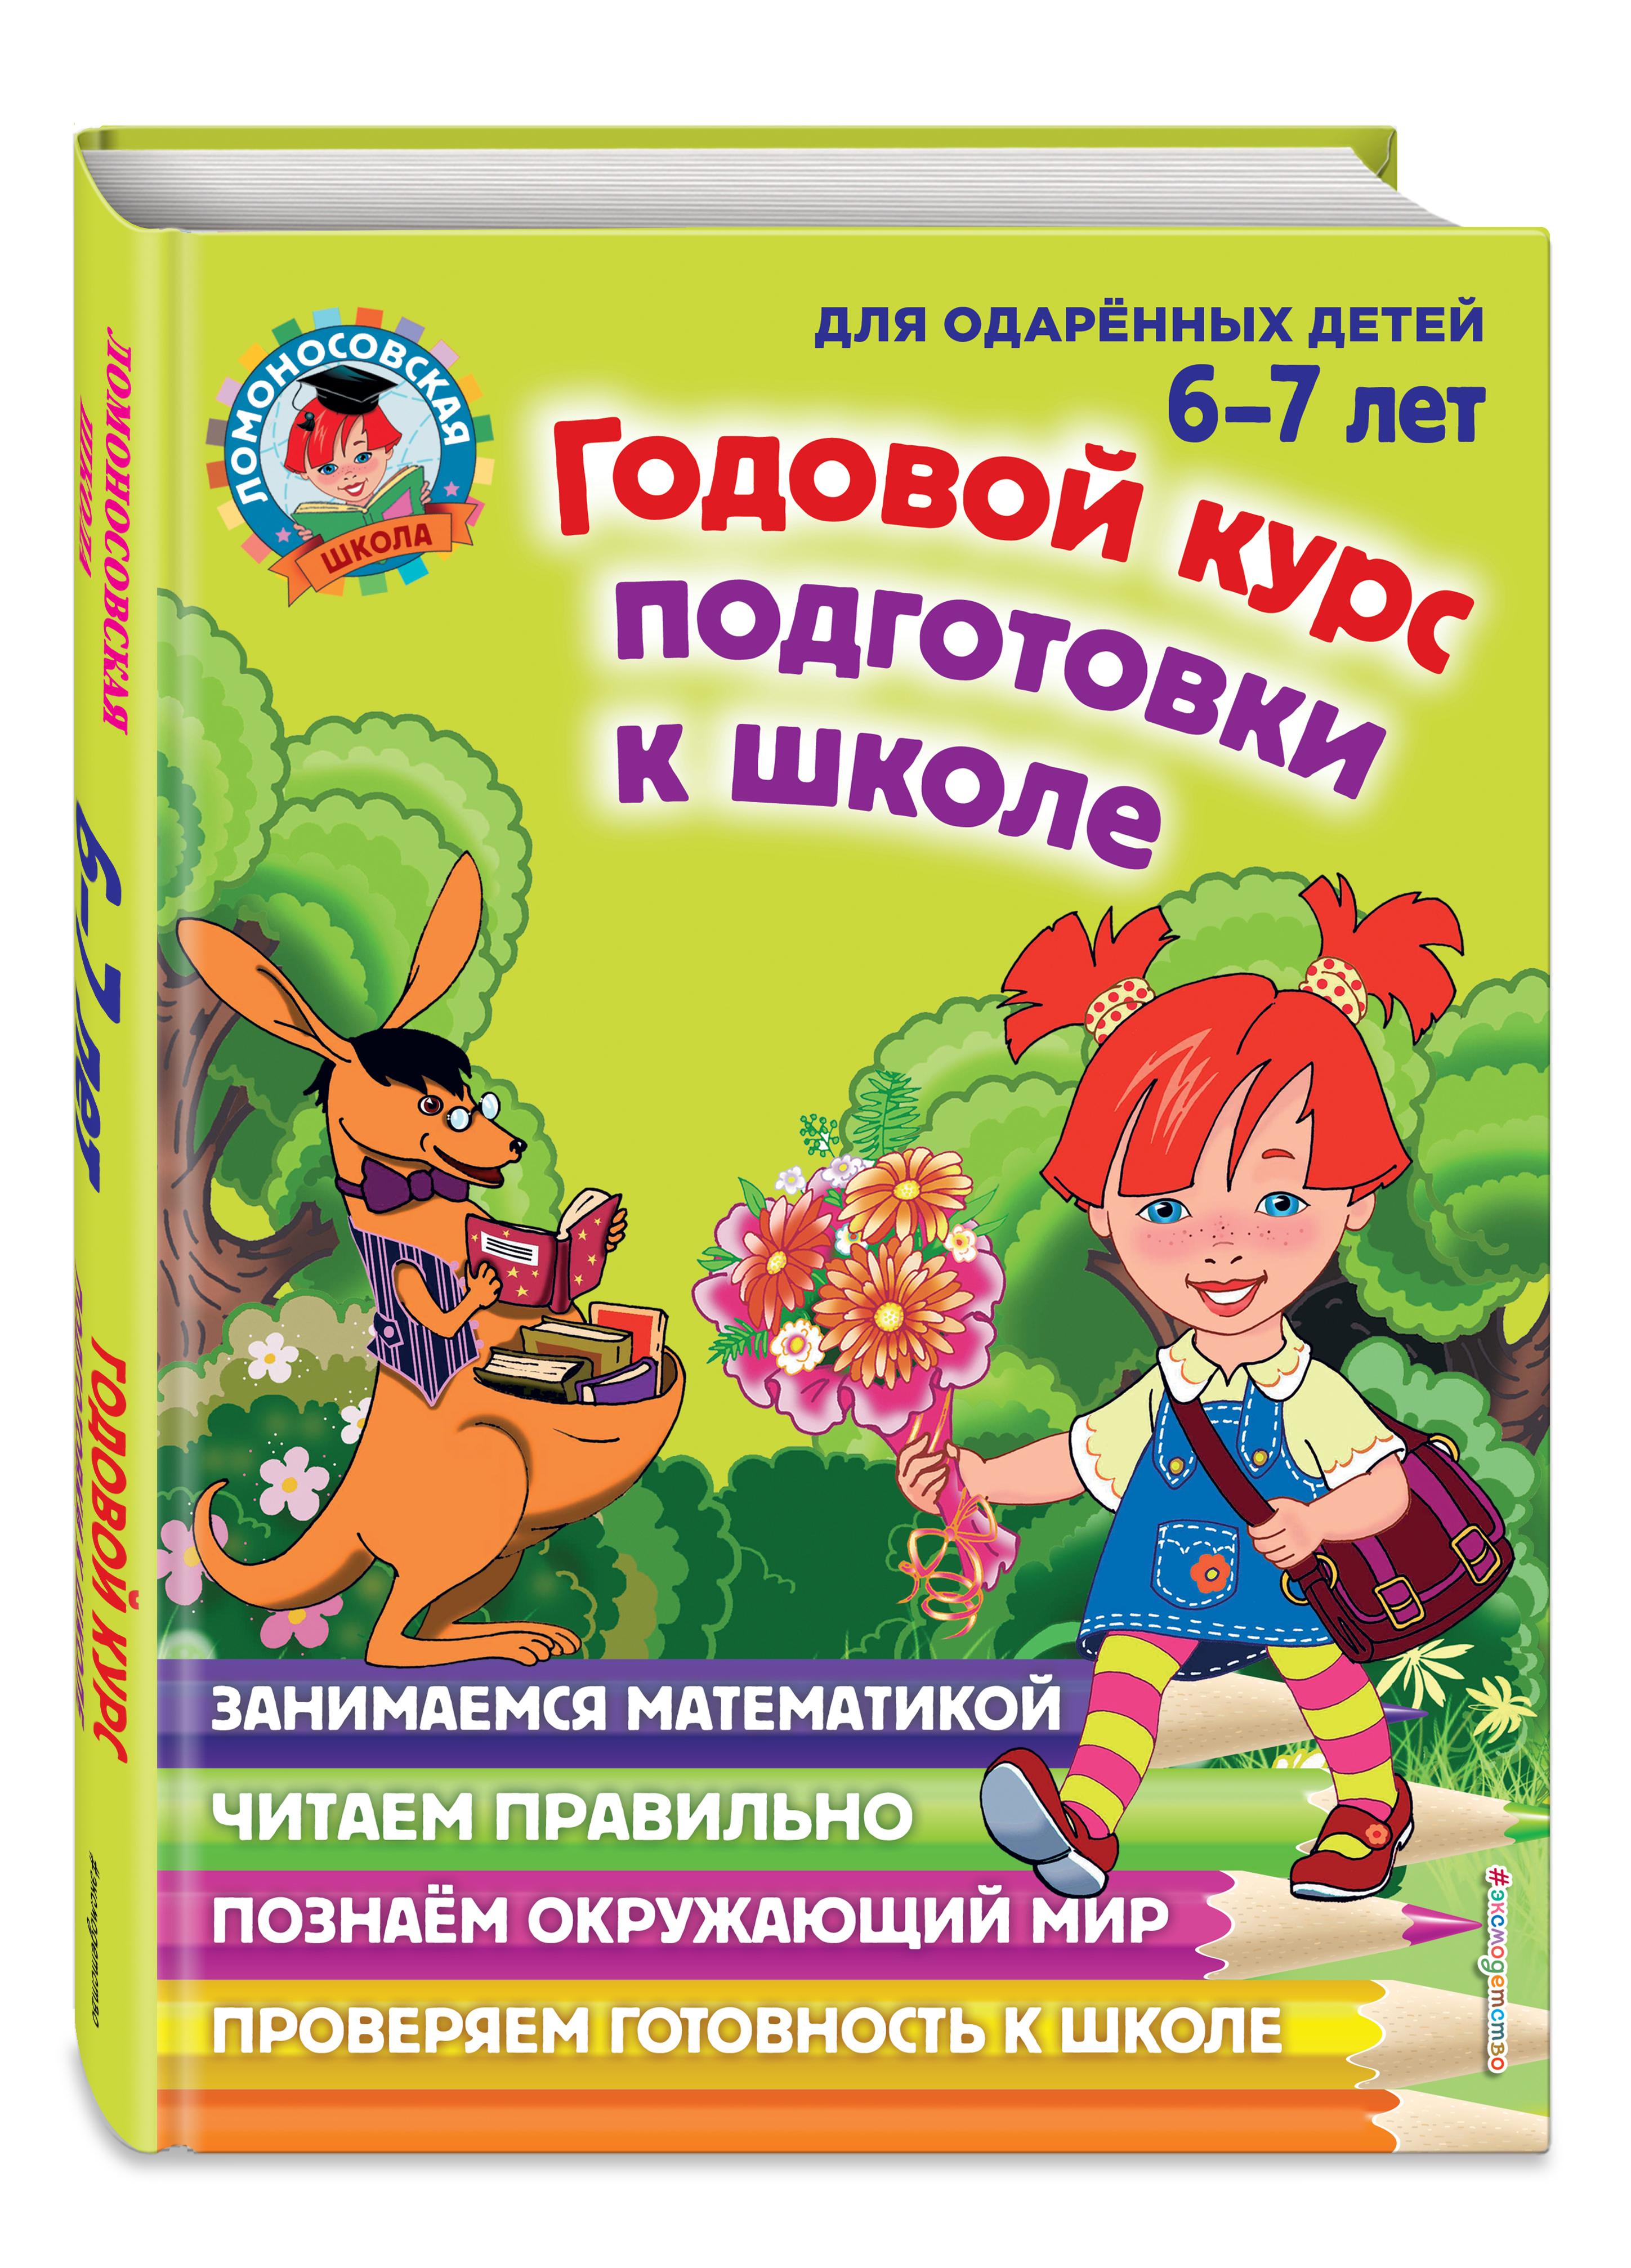 Н. М. Липская, И. М. Мальцева, С. В. Пятак, Т. В. Сорокина Годовой курс подготовки к школе: для детей 6-7 лет